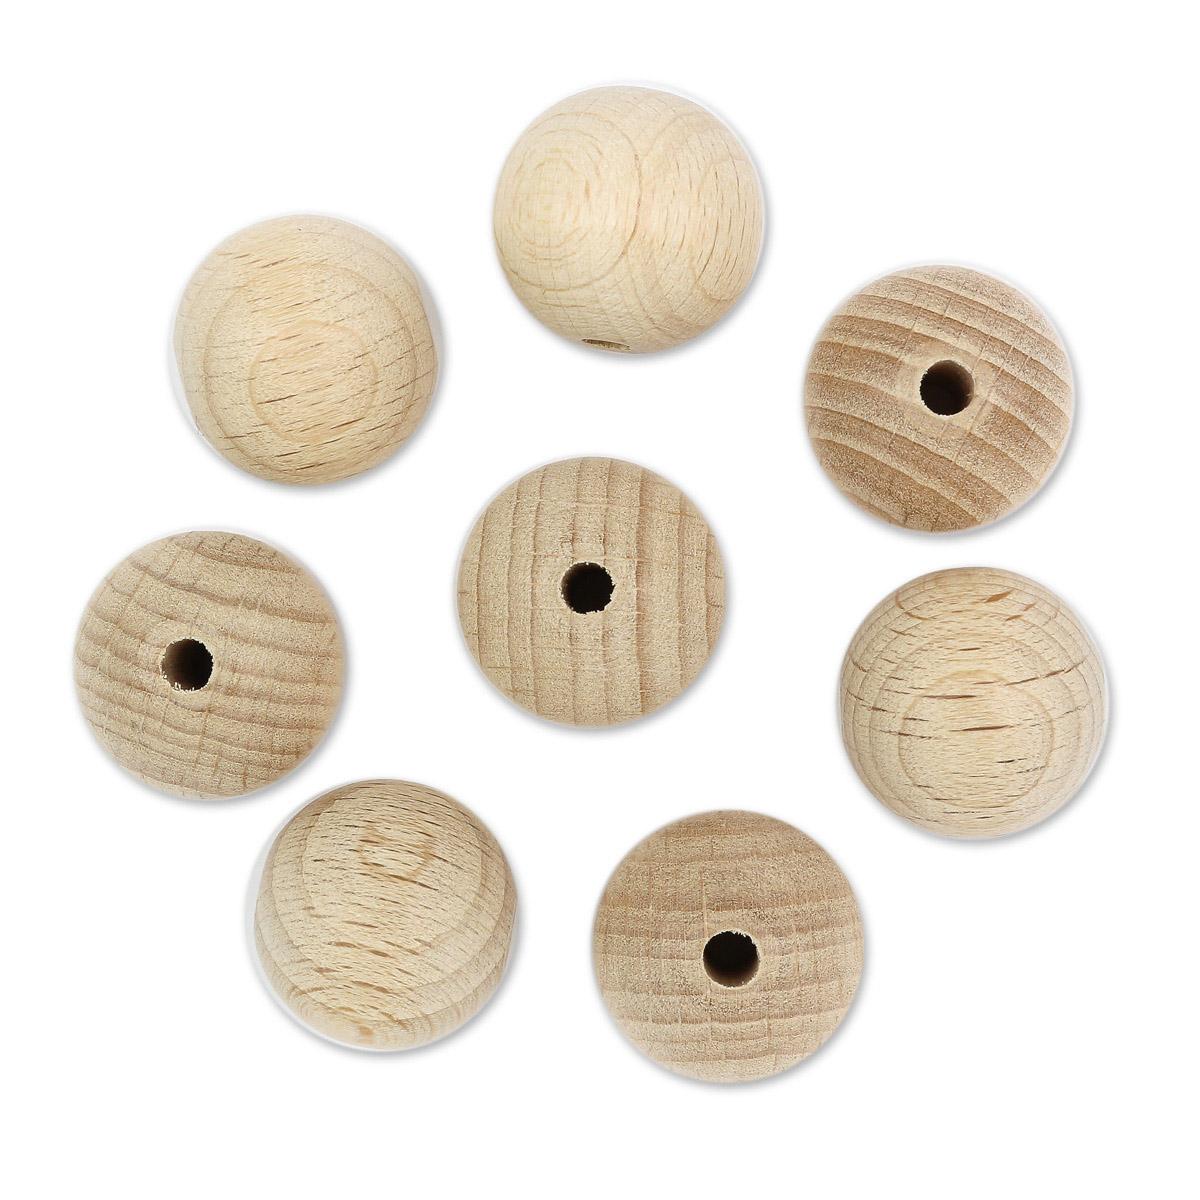 61657018 Деревянные шарики SGS-COC-003077 FSC-100%, 18 мм, упак./15 шт., Glorex